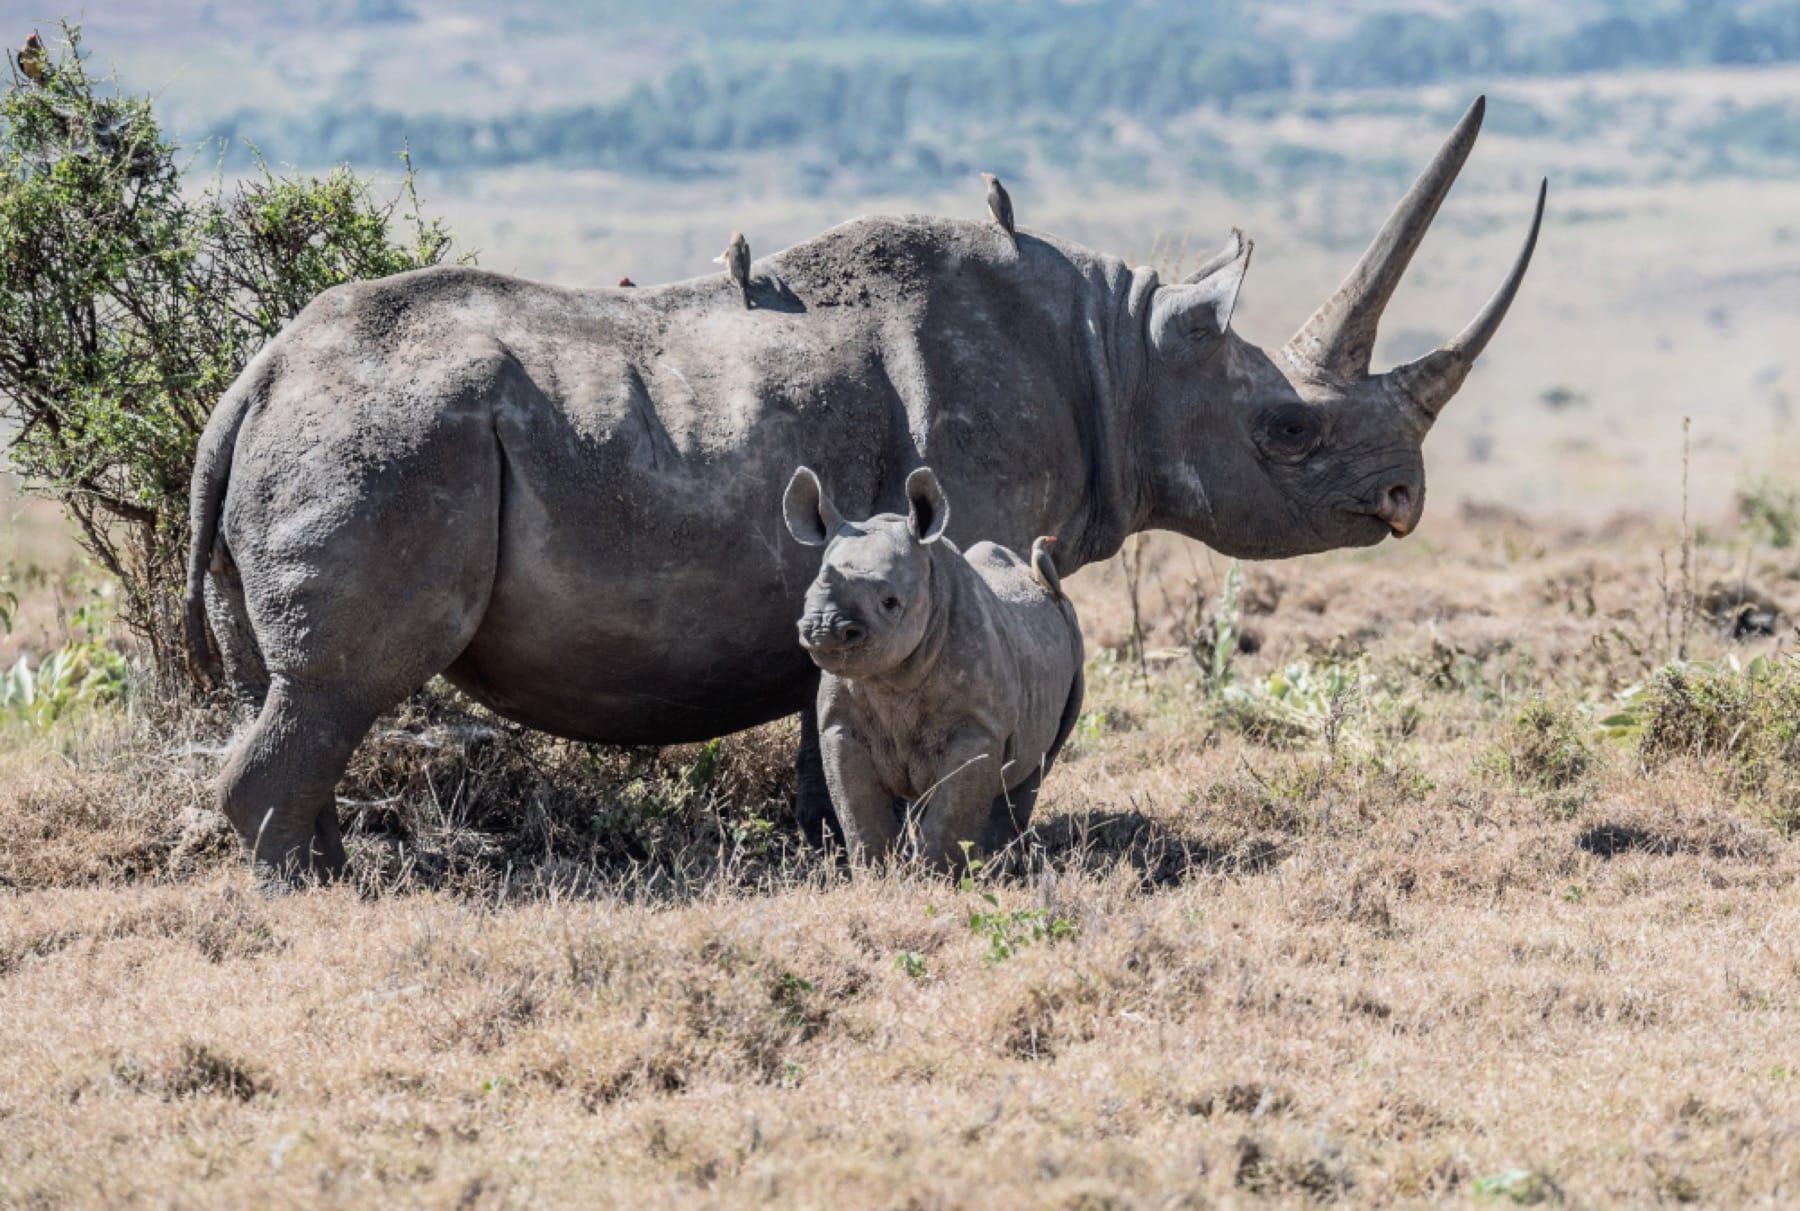 rhino and calf ngorongoro crater